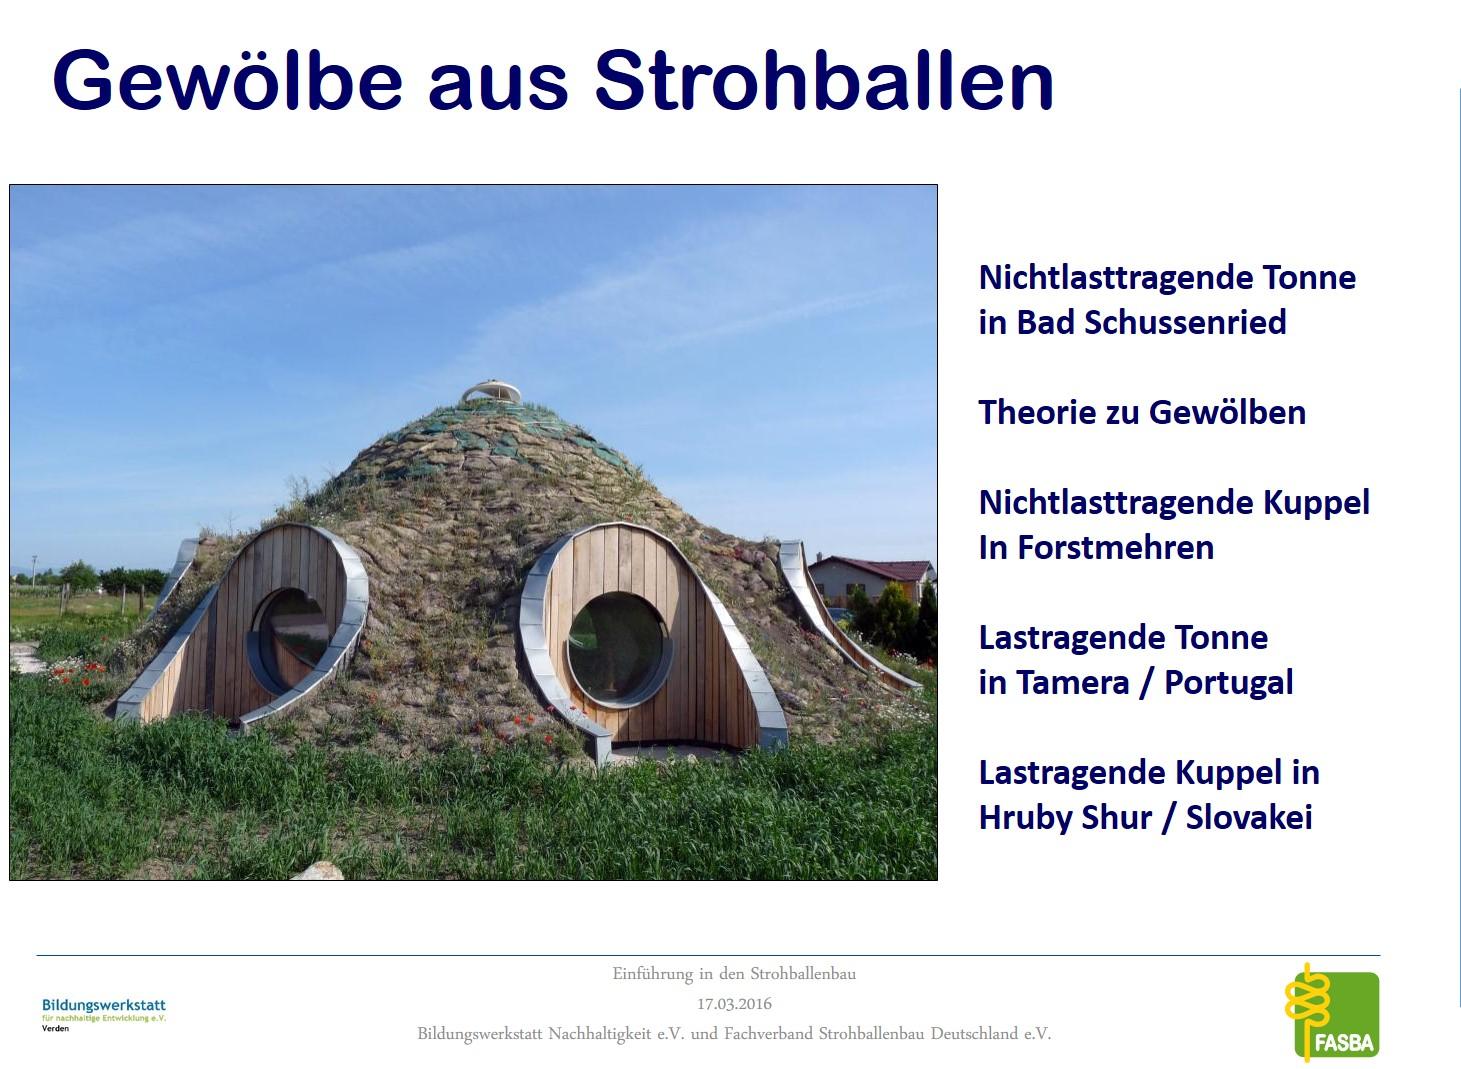 01 Gewölbebau mit Strohballen